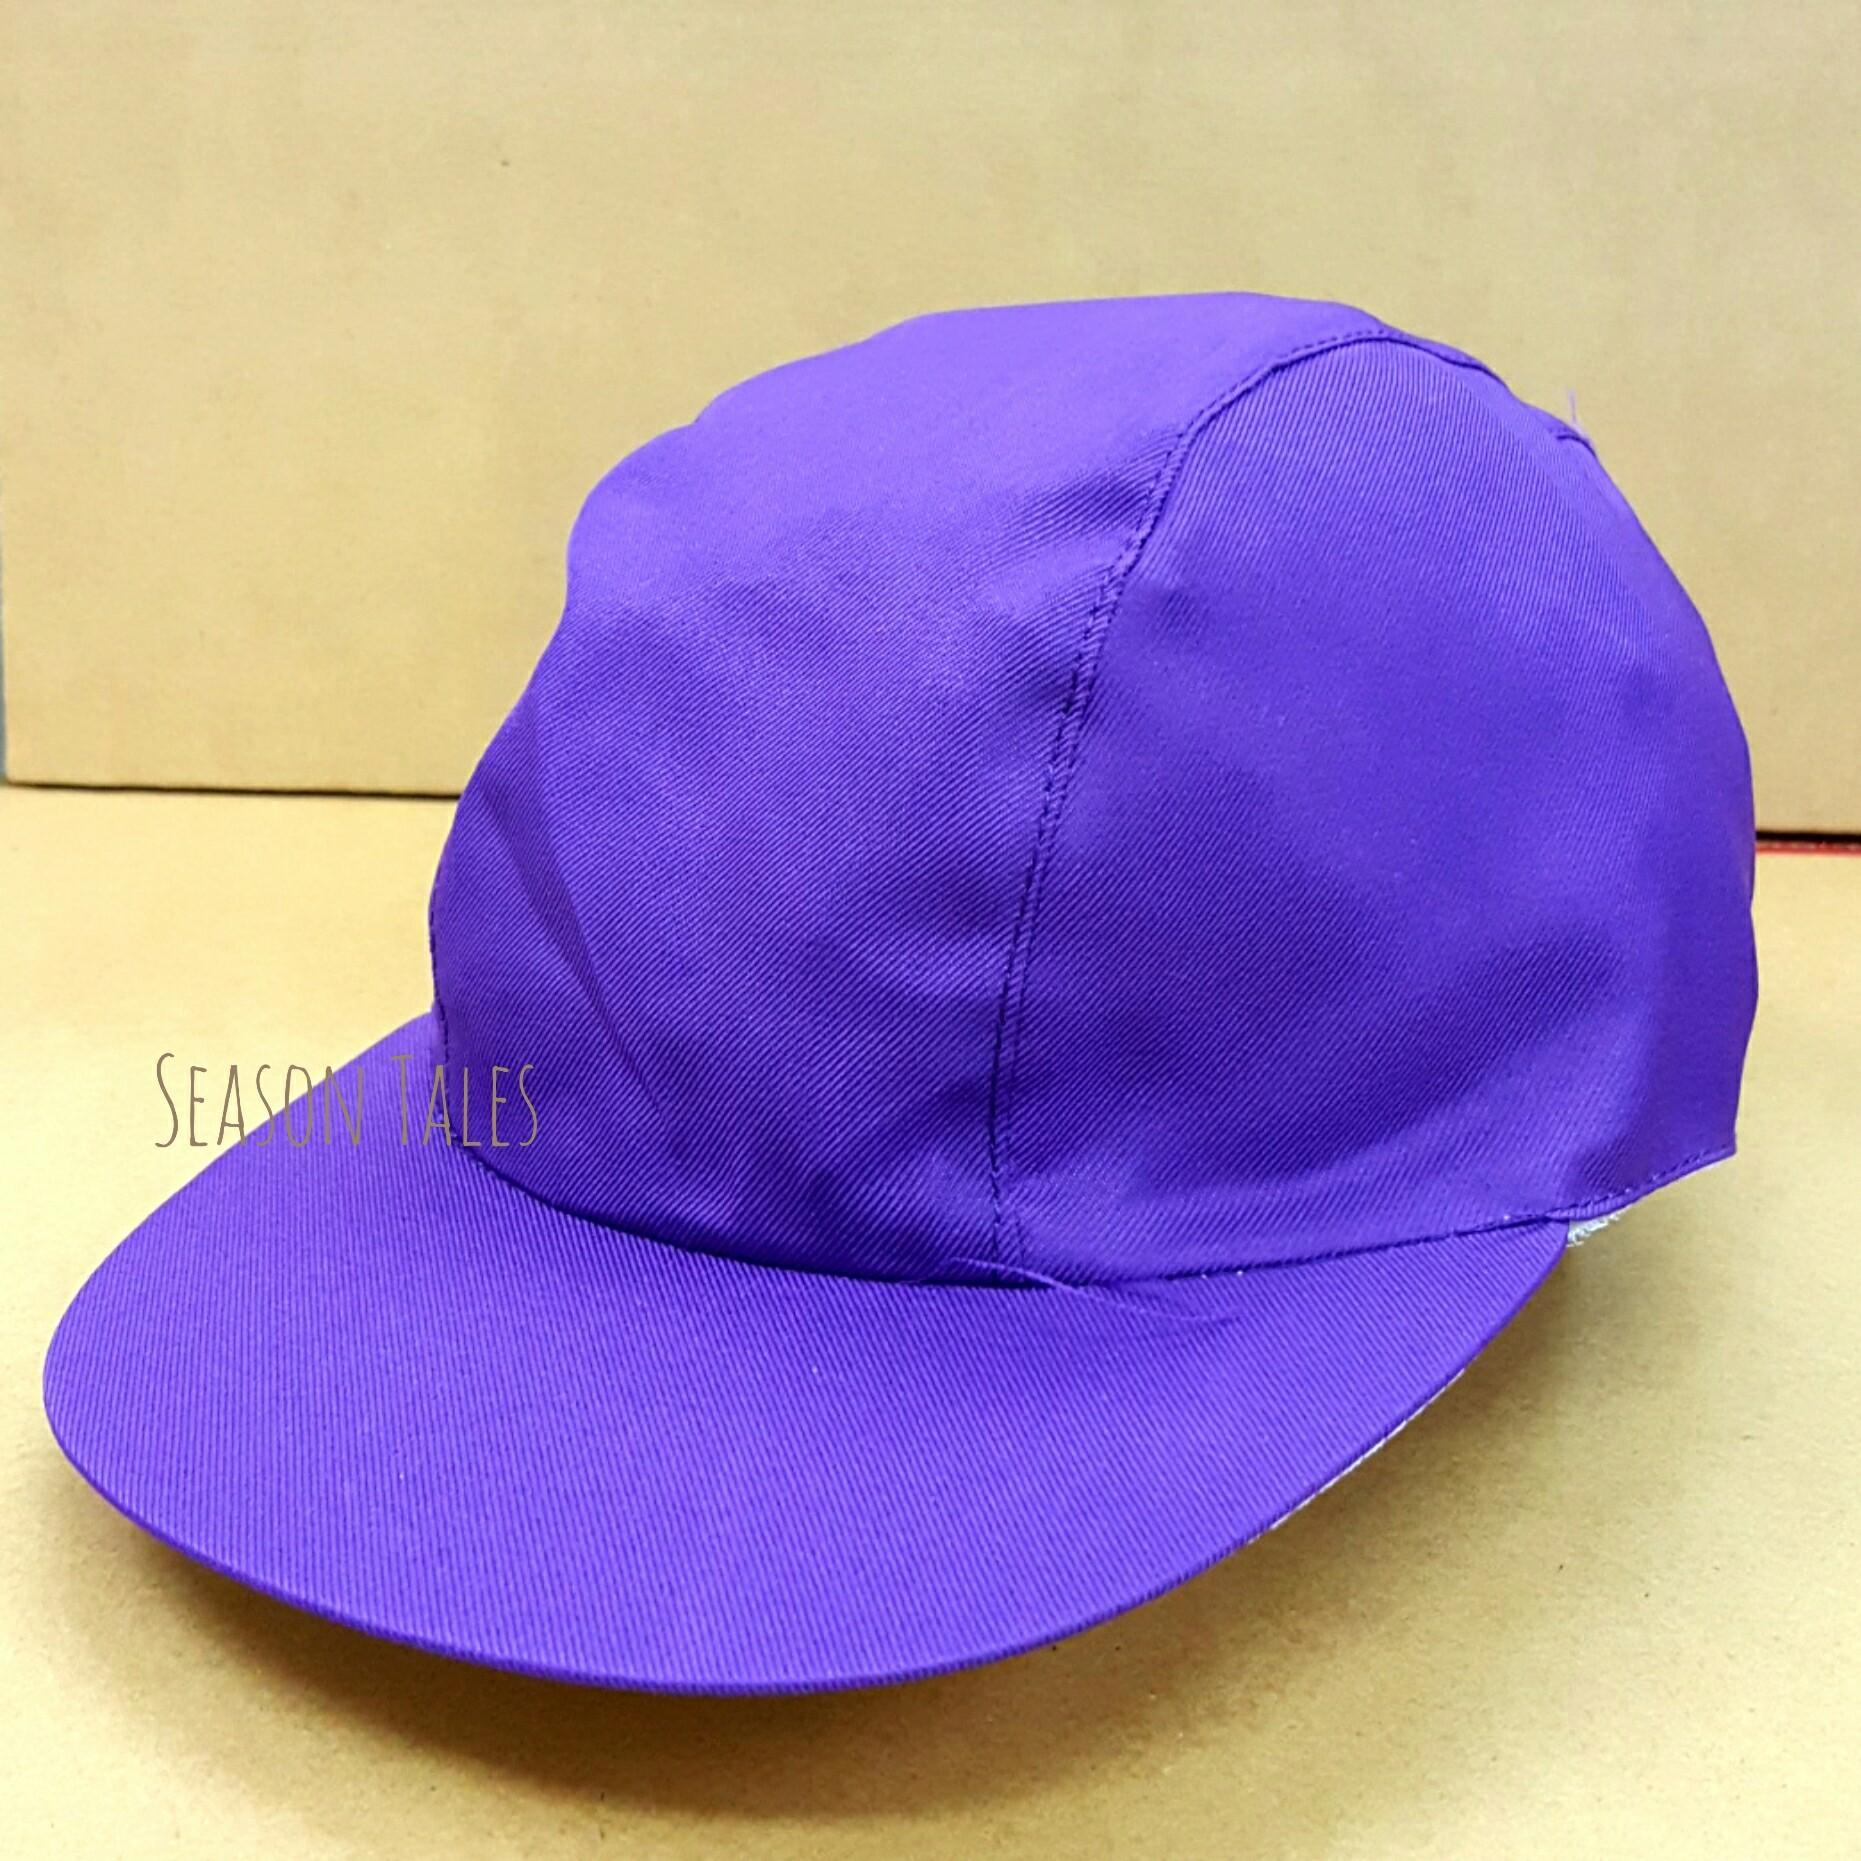 หมวกกีฬาสี สีม่วง ขายส่ง ราคาถูกสุดๆ (สั่งในเว็บไม่ได้ สั่งผ่านLine เท่านั้น)